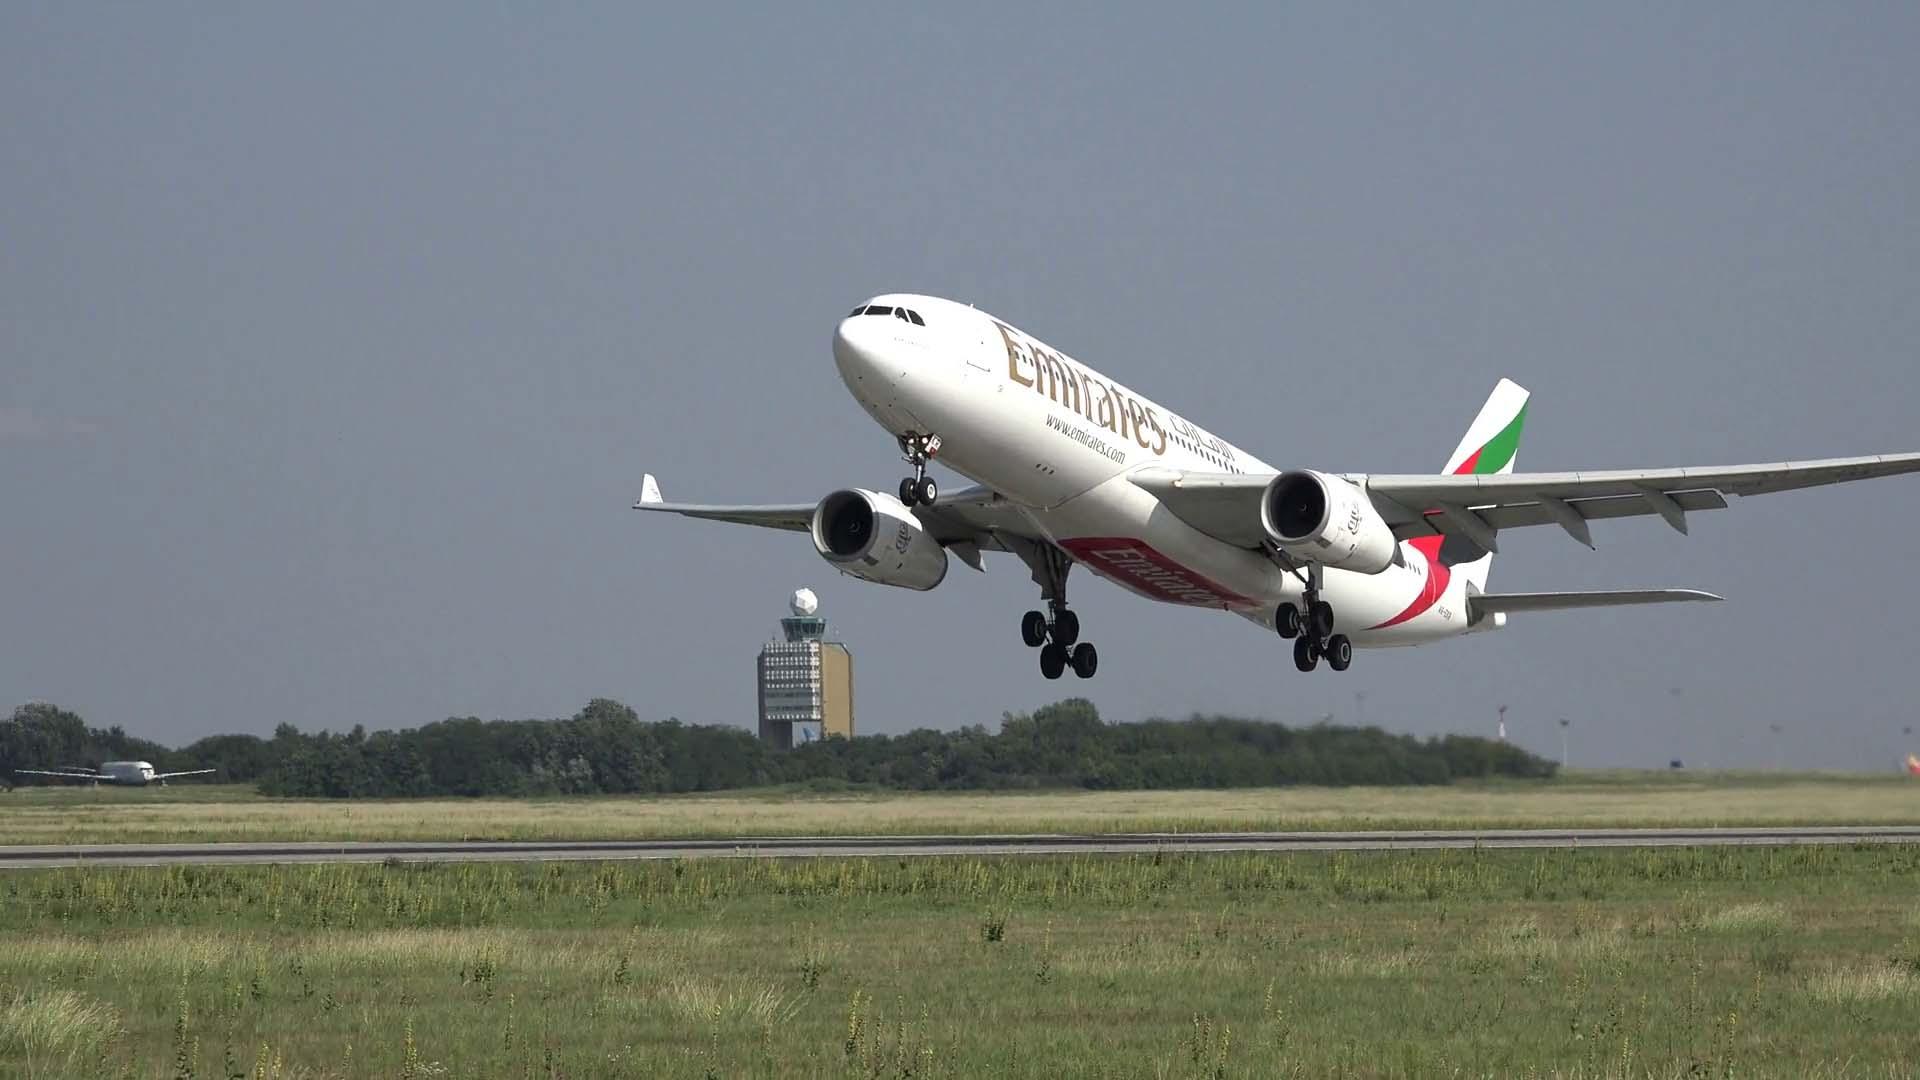 Hình ảnh máy bay cất cánh đẹp nhất